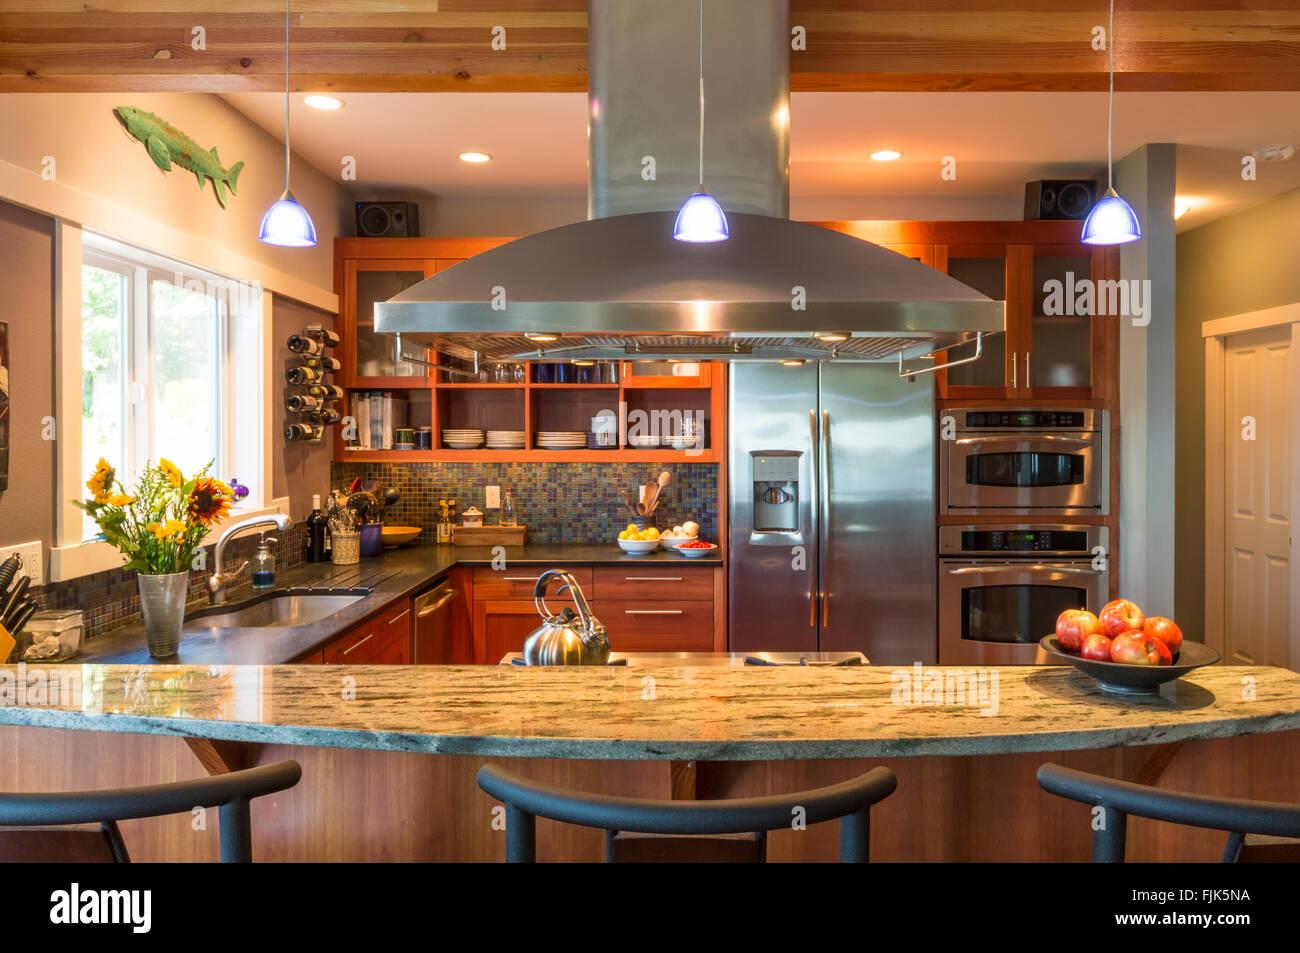 La colazione bar in contemporaneo ed elegante cucina domestica con superfici in granito, elettrodomestici di acciaio Immagini Stock